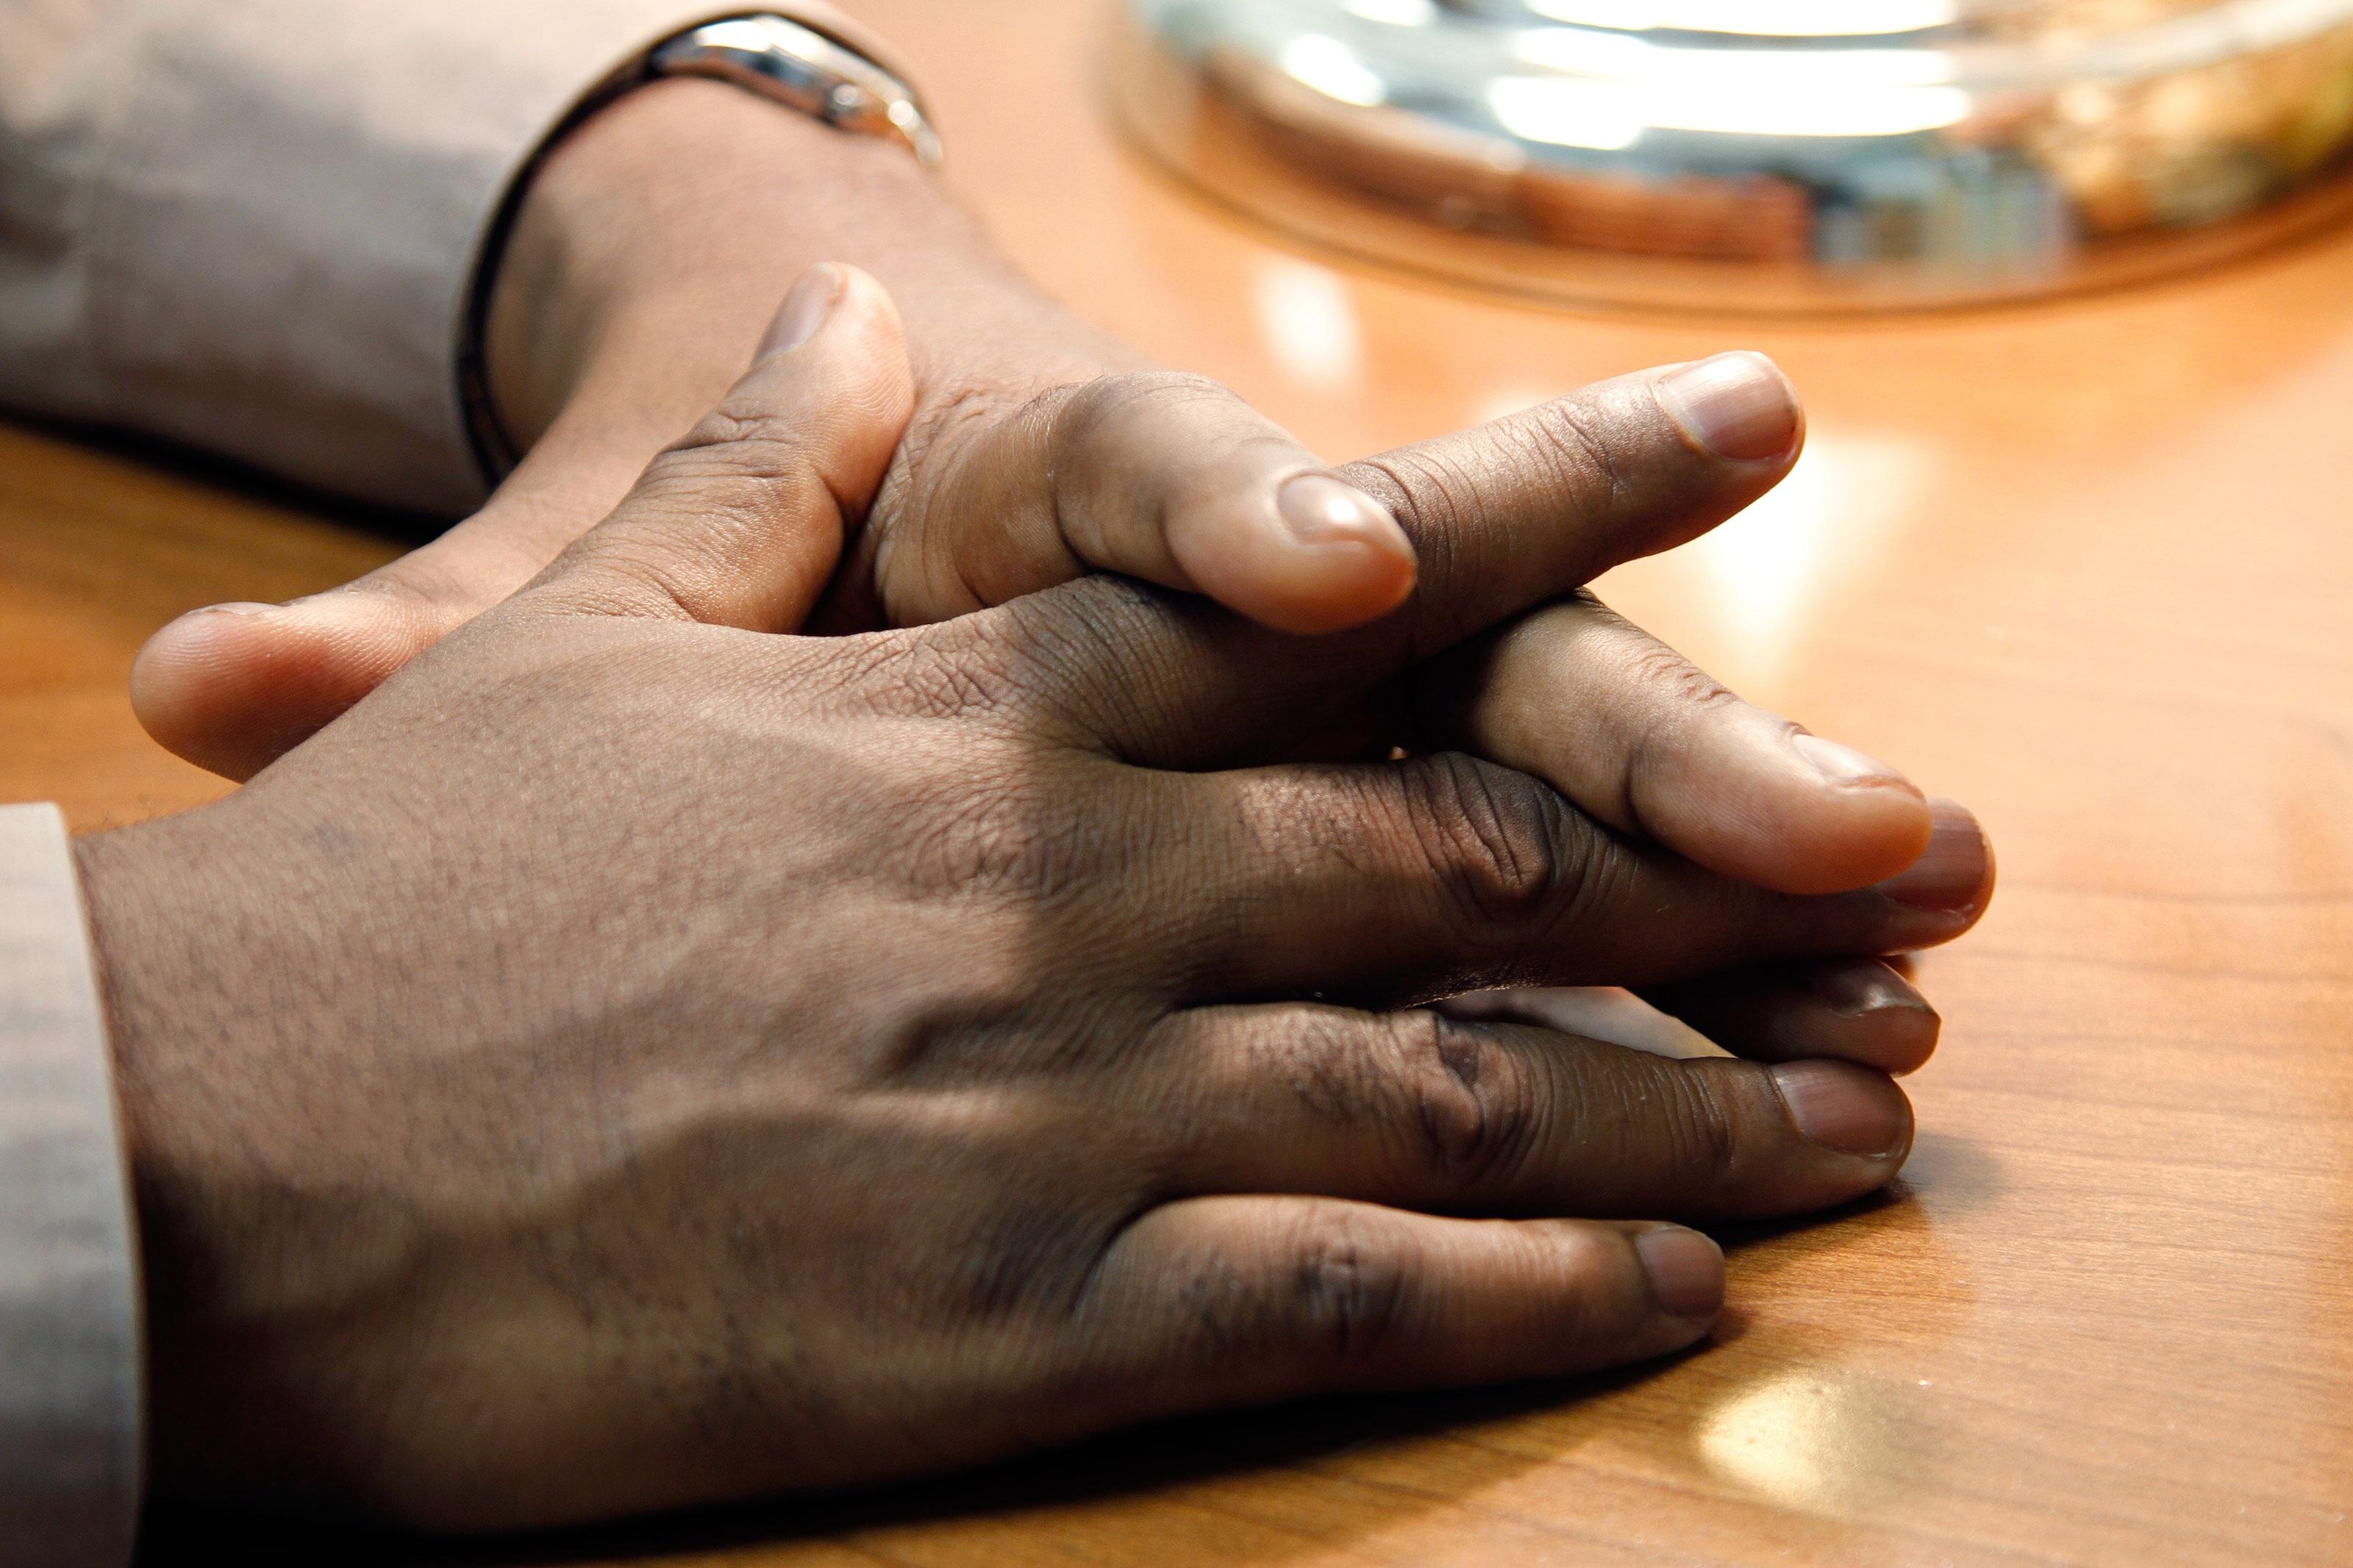 Kostenlose foto : Hand, Mann, Tabelle, männlich, Bein, Finger, Mappe ...